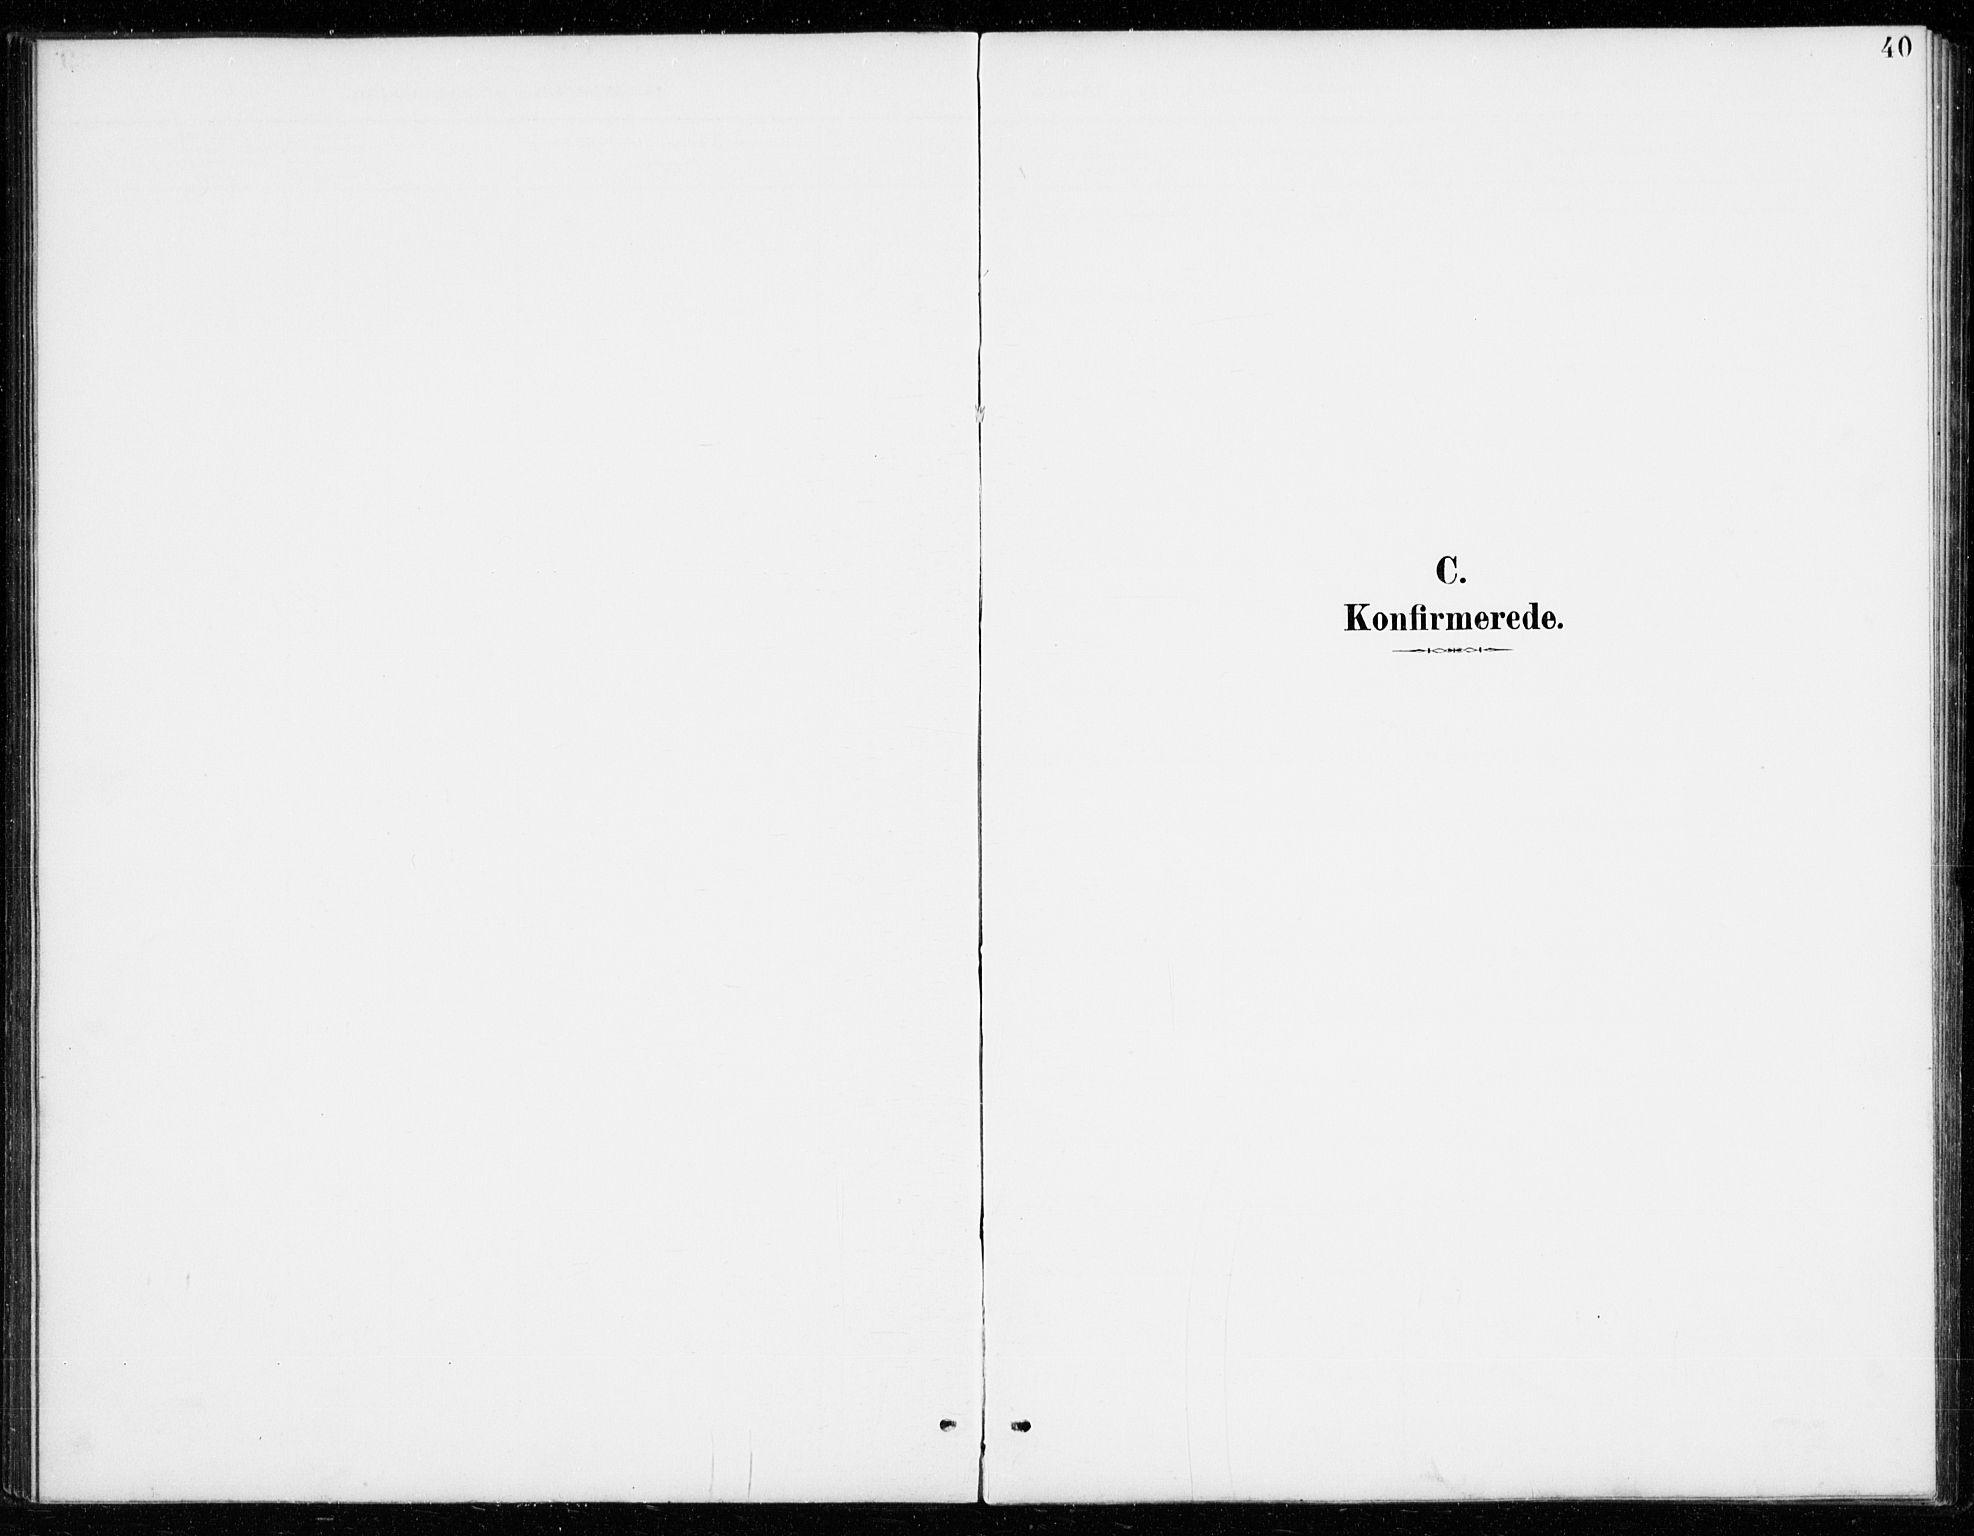 SAKO, Vinje kirkebøker, G/Gb/L0003: Klokkerbok nr. II 3, 1892-1943, s. 40